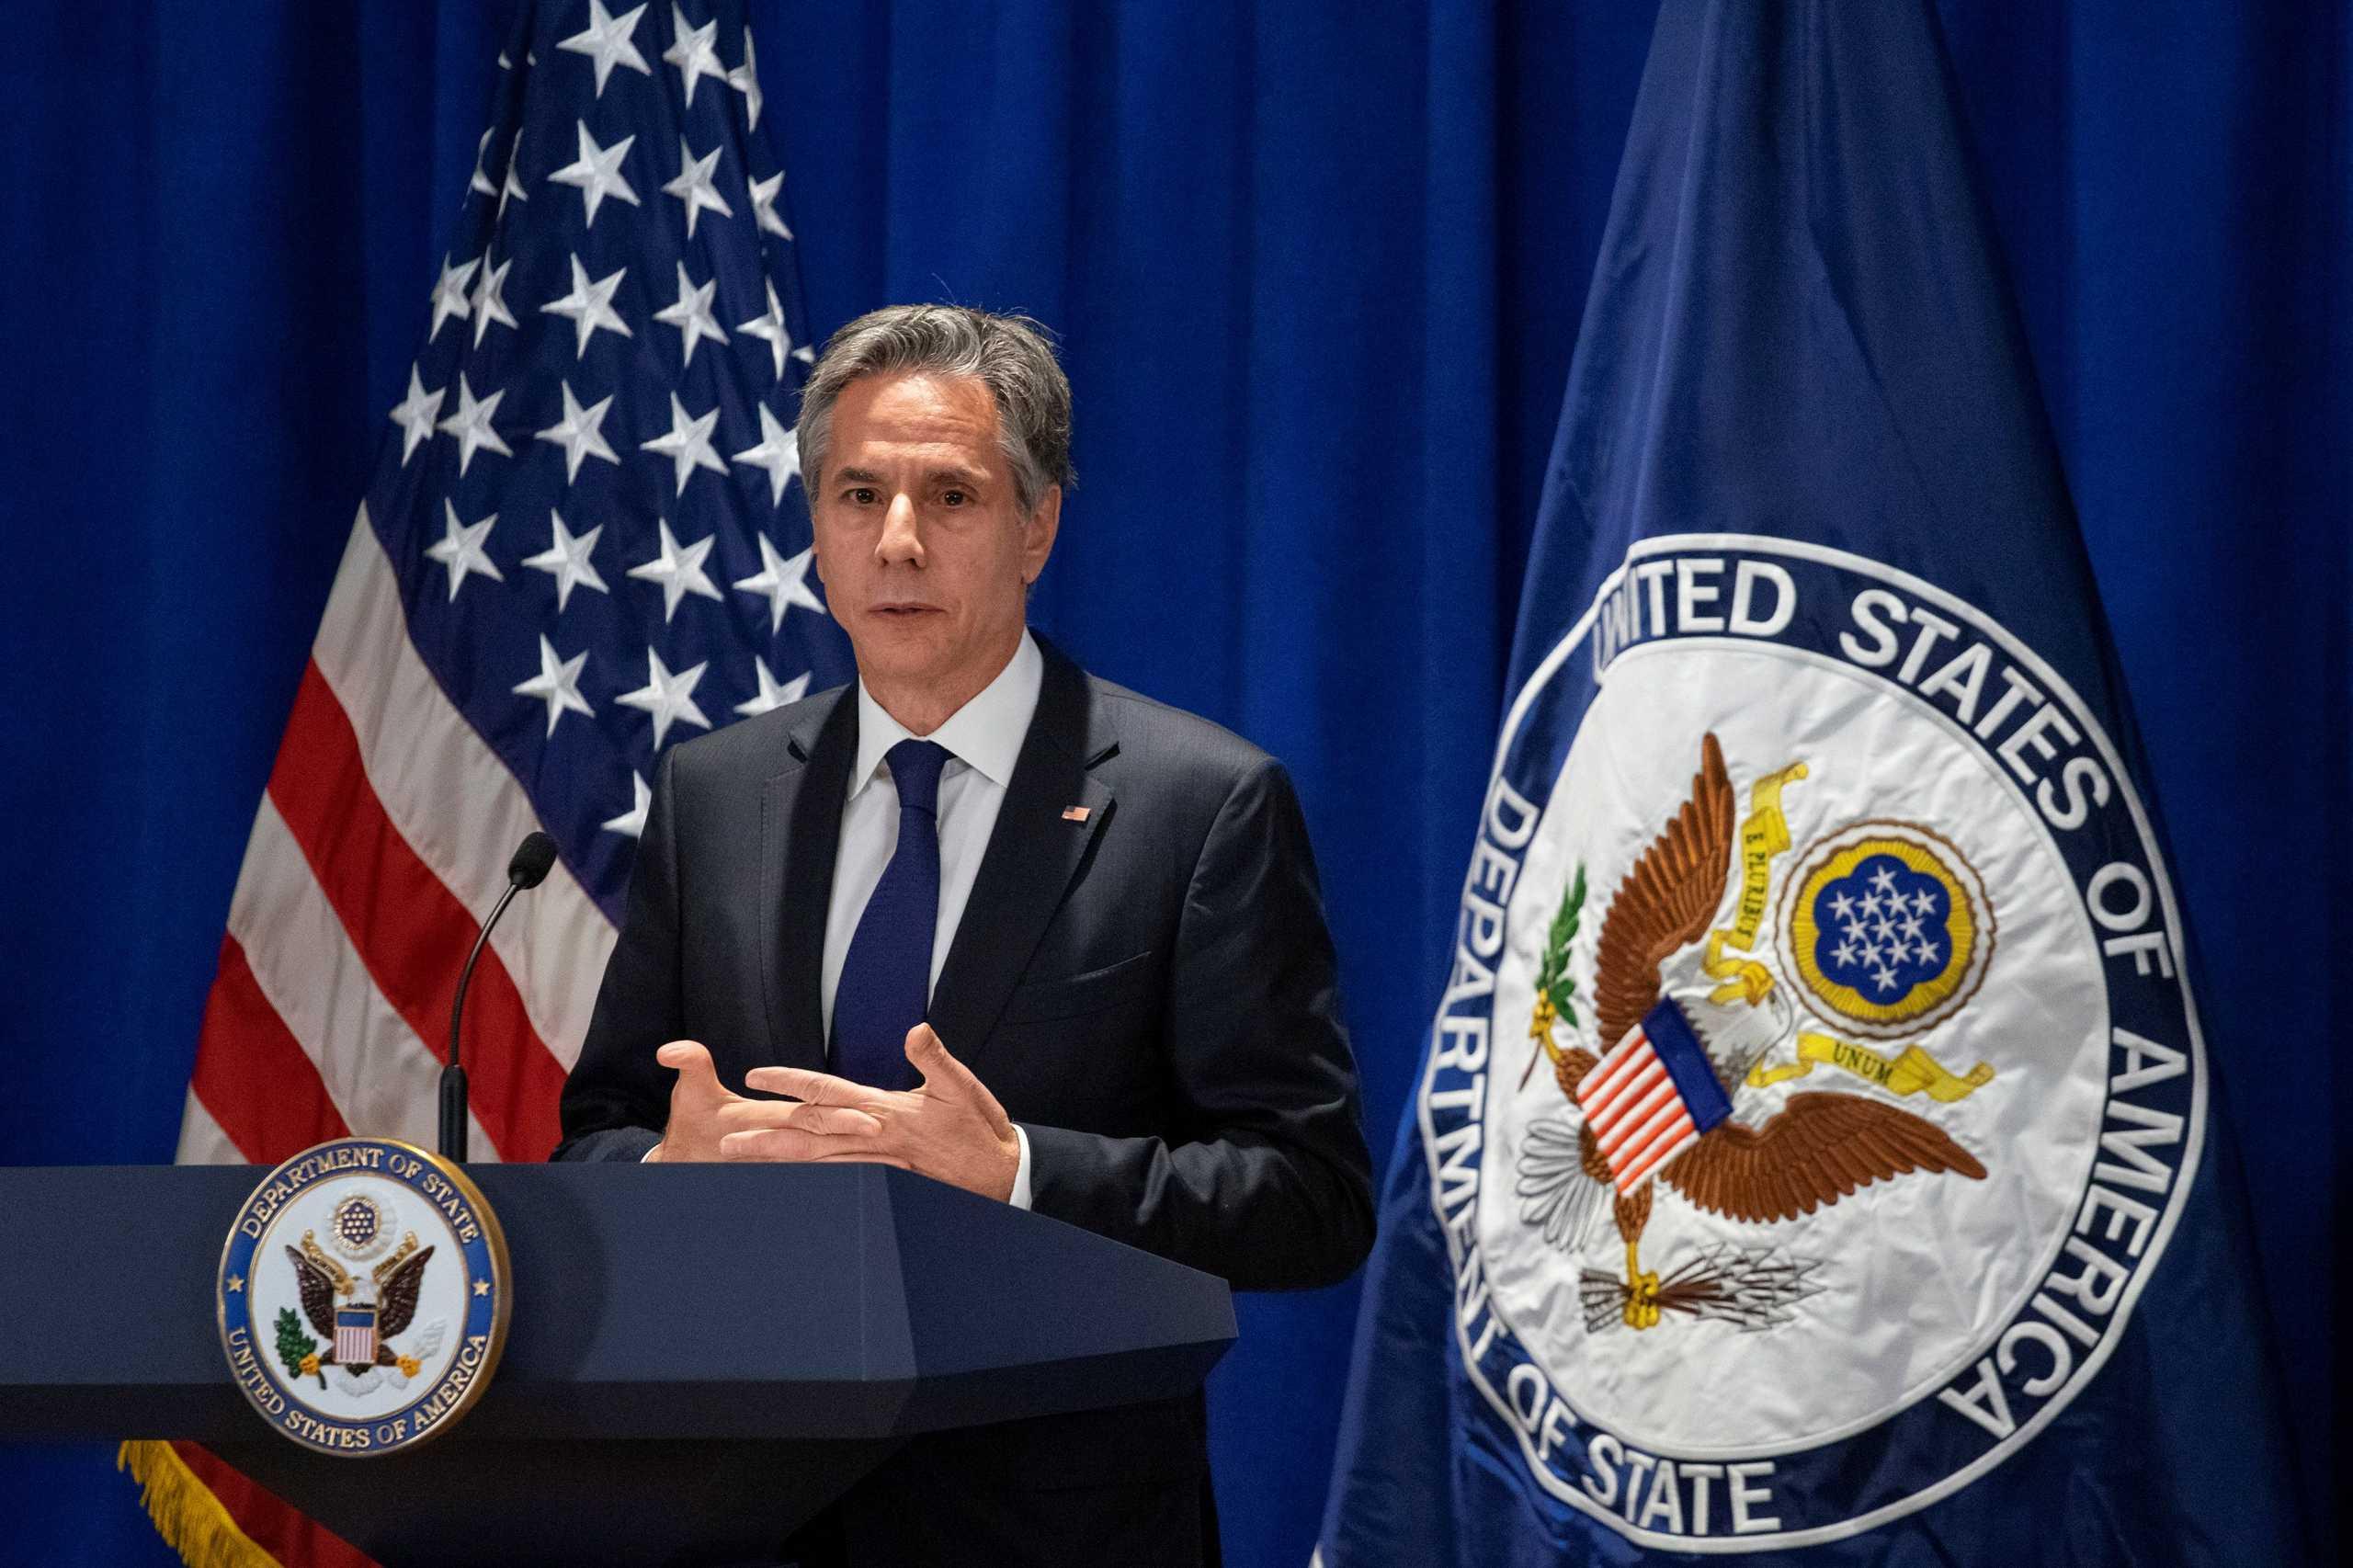 Γαλλία – ΗΠΑ: Συνάντηση για τους υπουργούς Εξωτερικών – Αποκλιμακώνεται η ένταση